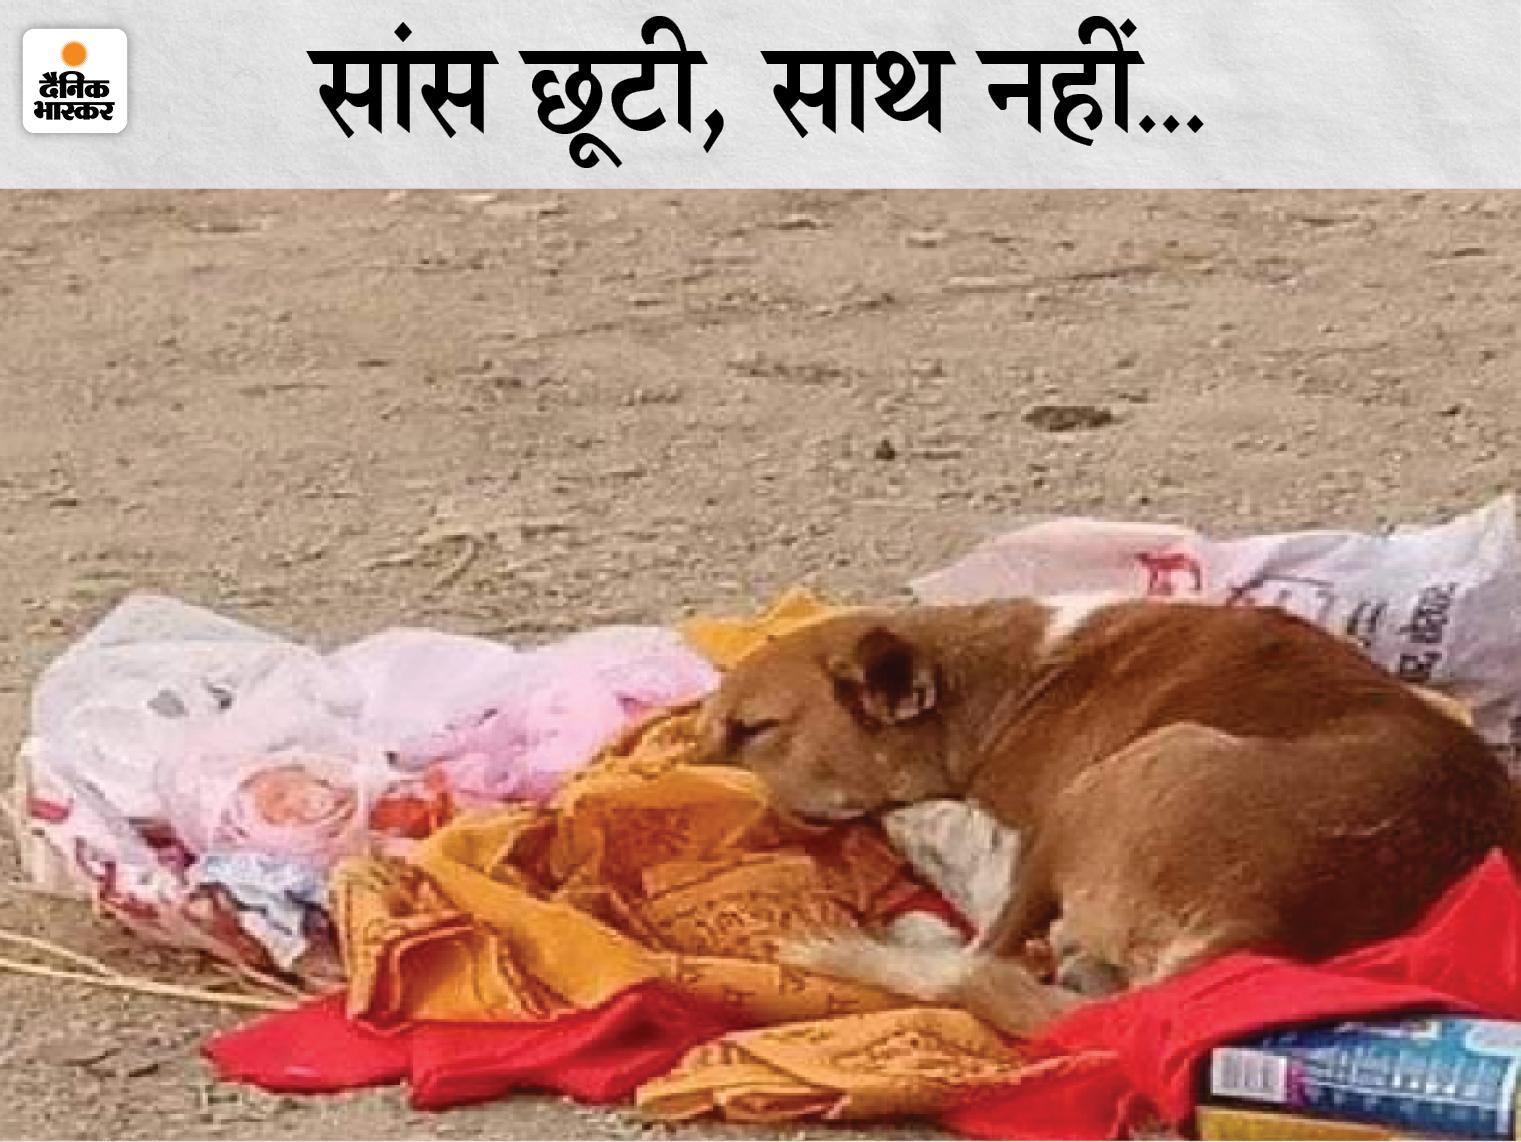 गया में मालकिनकी अंत्येष्ठीवाली जगह पर 4 दिनोंतक भूखा-प्यासाबैठा रहा वफादार कुत्ता, जो हटाने गया उस पर गुस्से में भौंकने लगा|गया,Gaya - Dainik Bhaskar